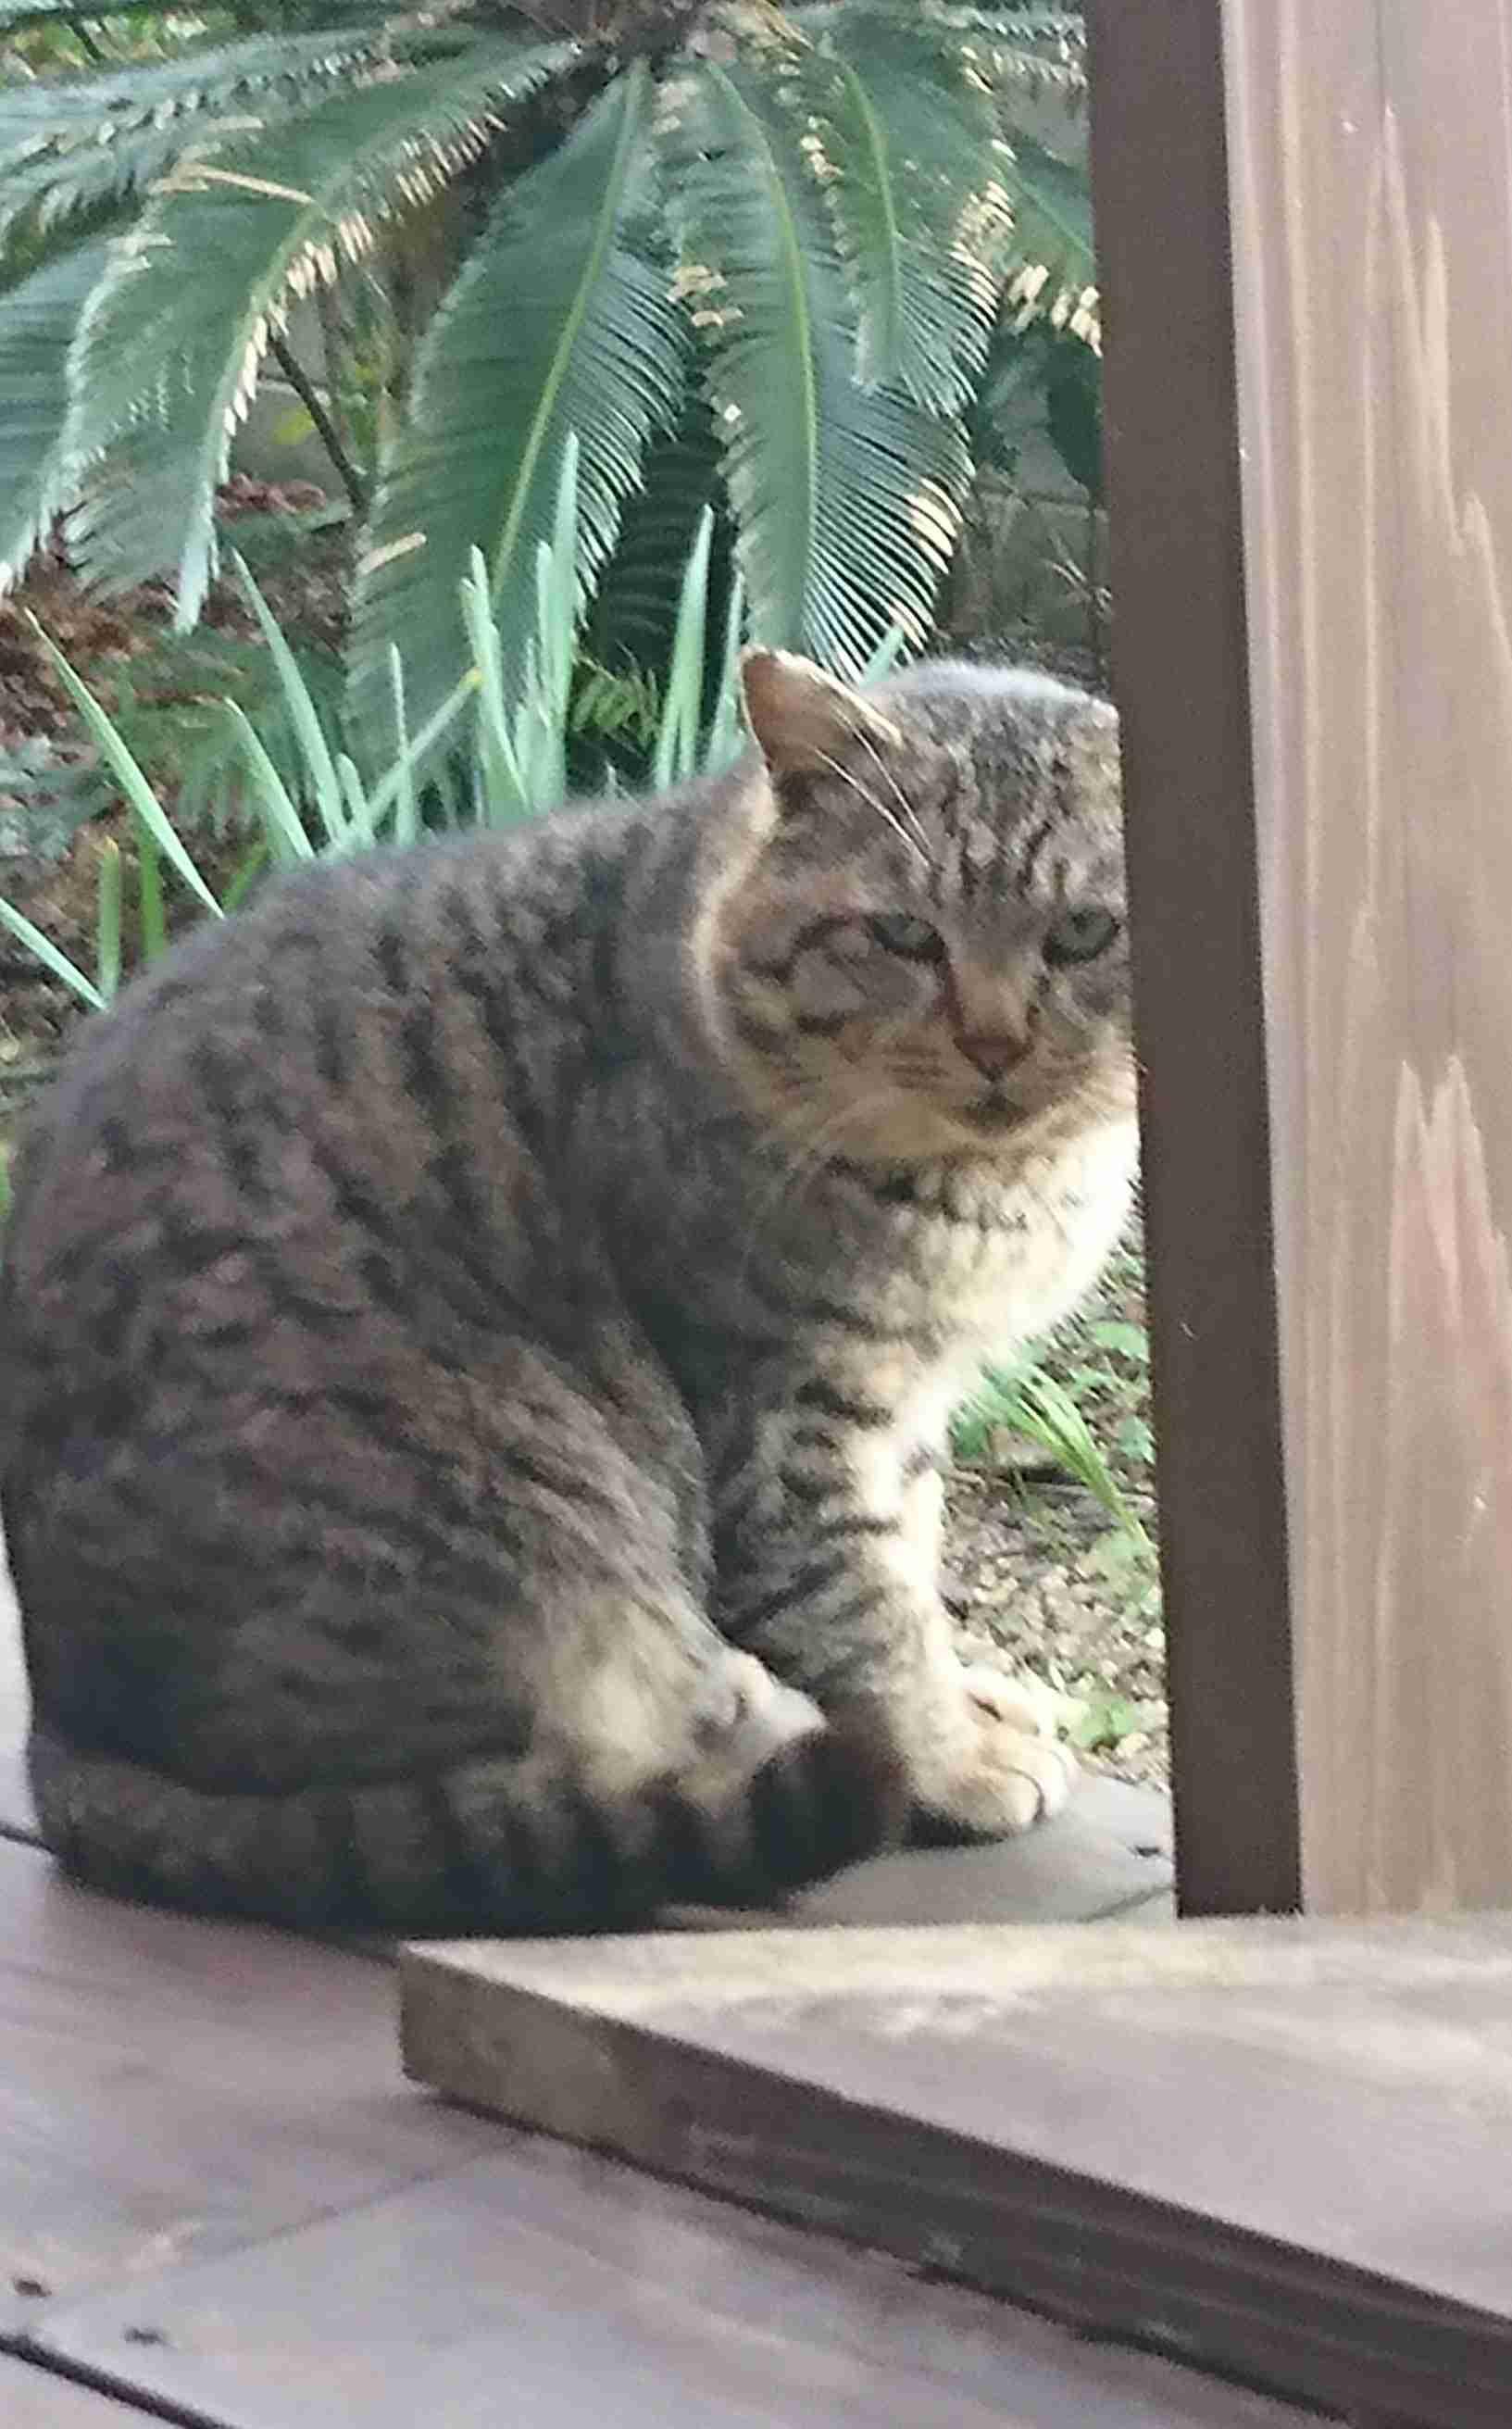 (身バレしない程度に)お宅の猫ちゃん見せてください!